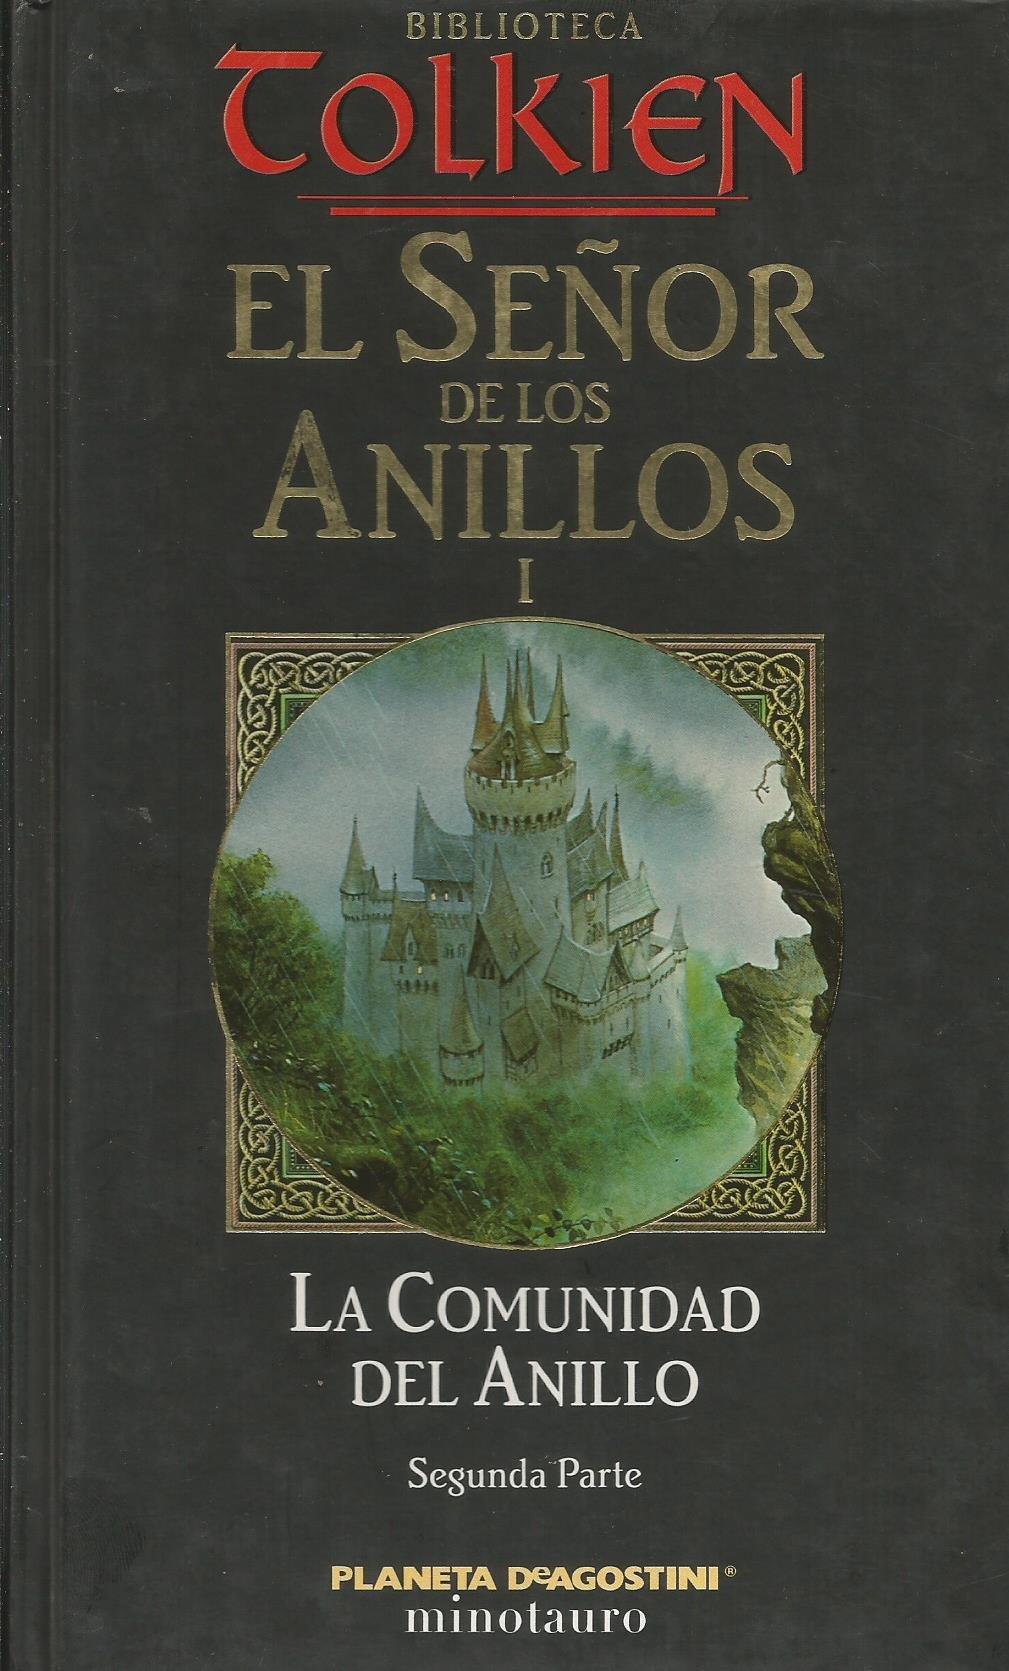 La Comunidad Del Anillo: Amazon.es: Tolkien, J. R. R.: Libros